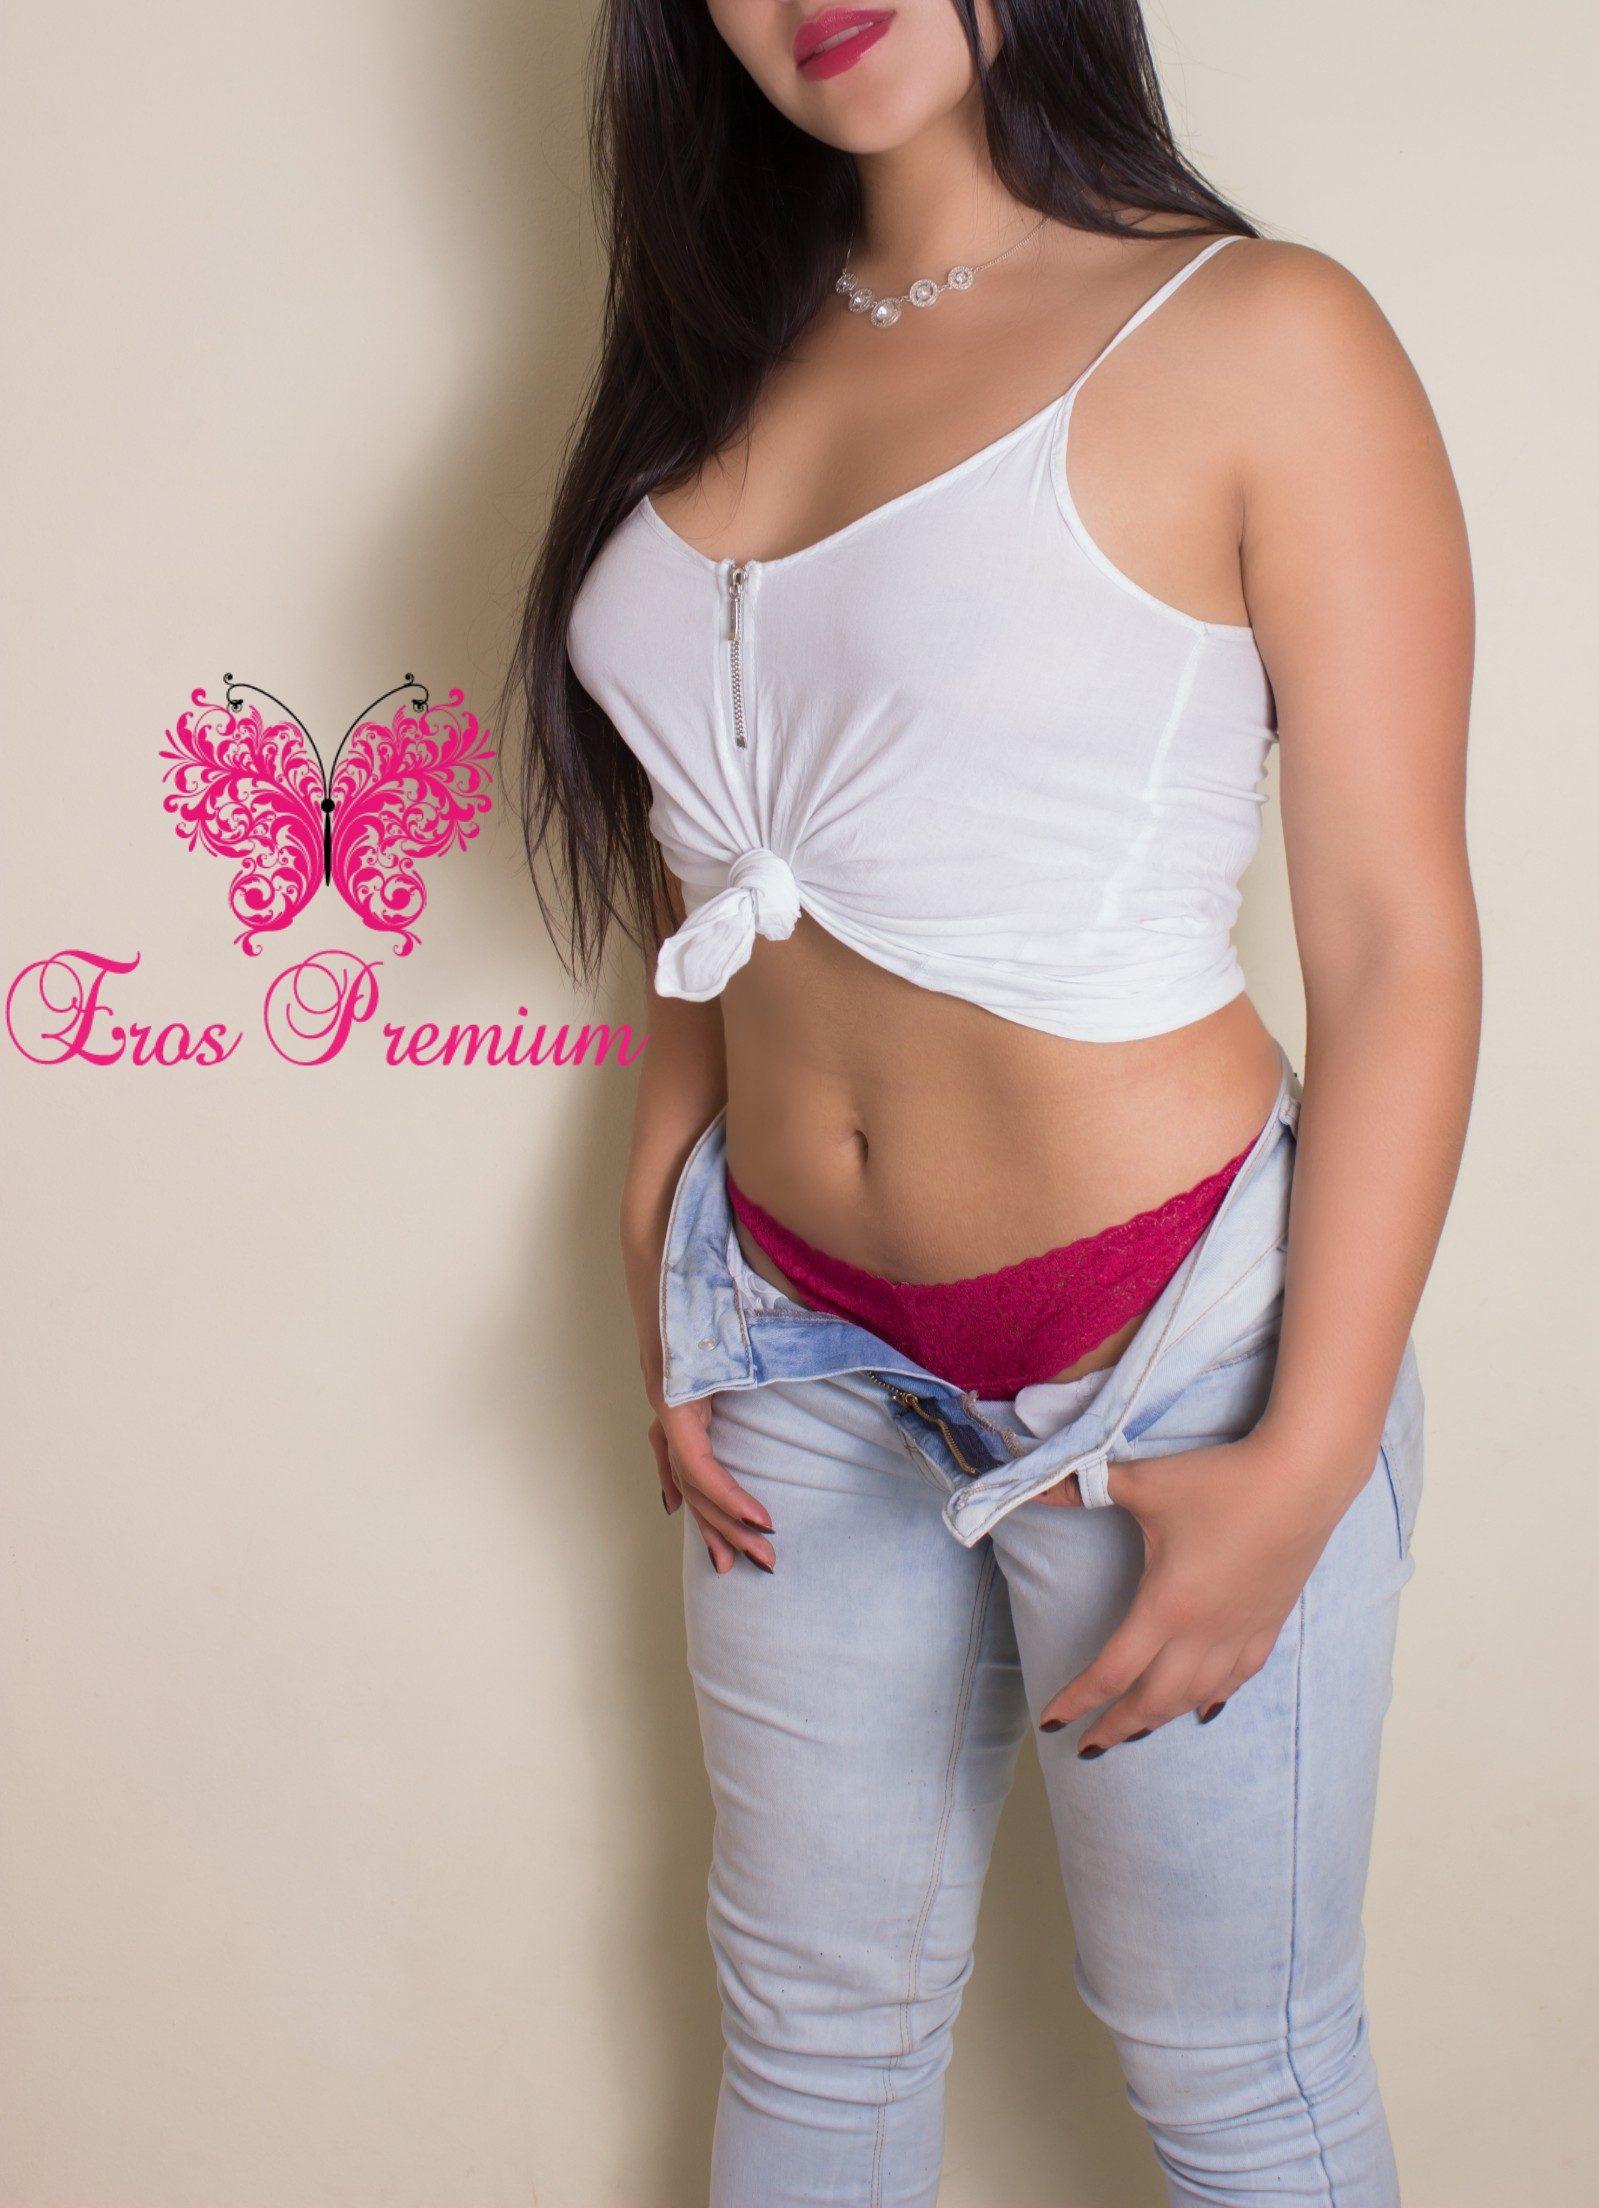 Manuela Escort Bogotá 8